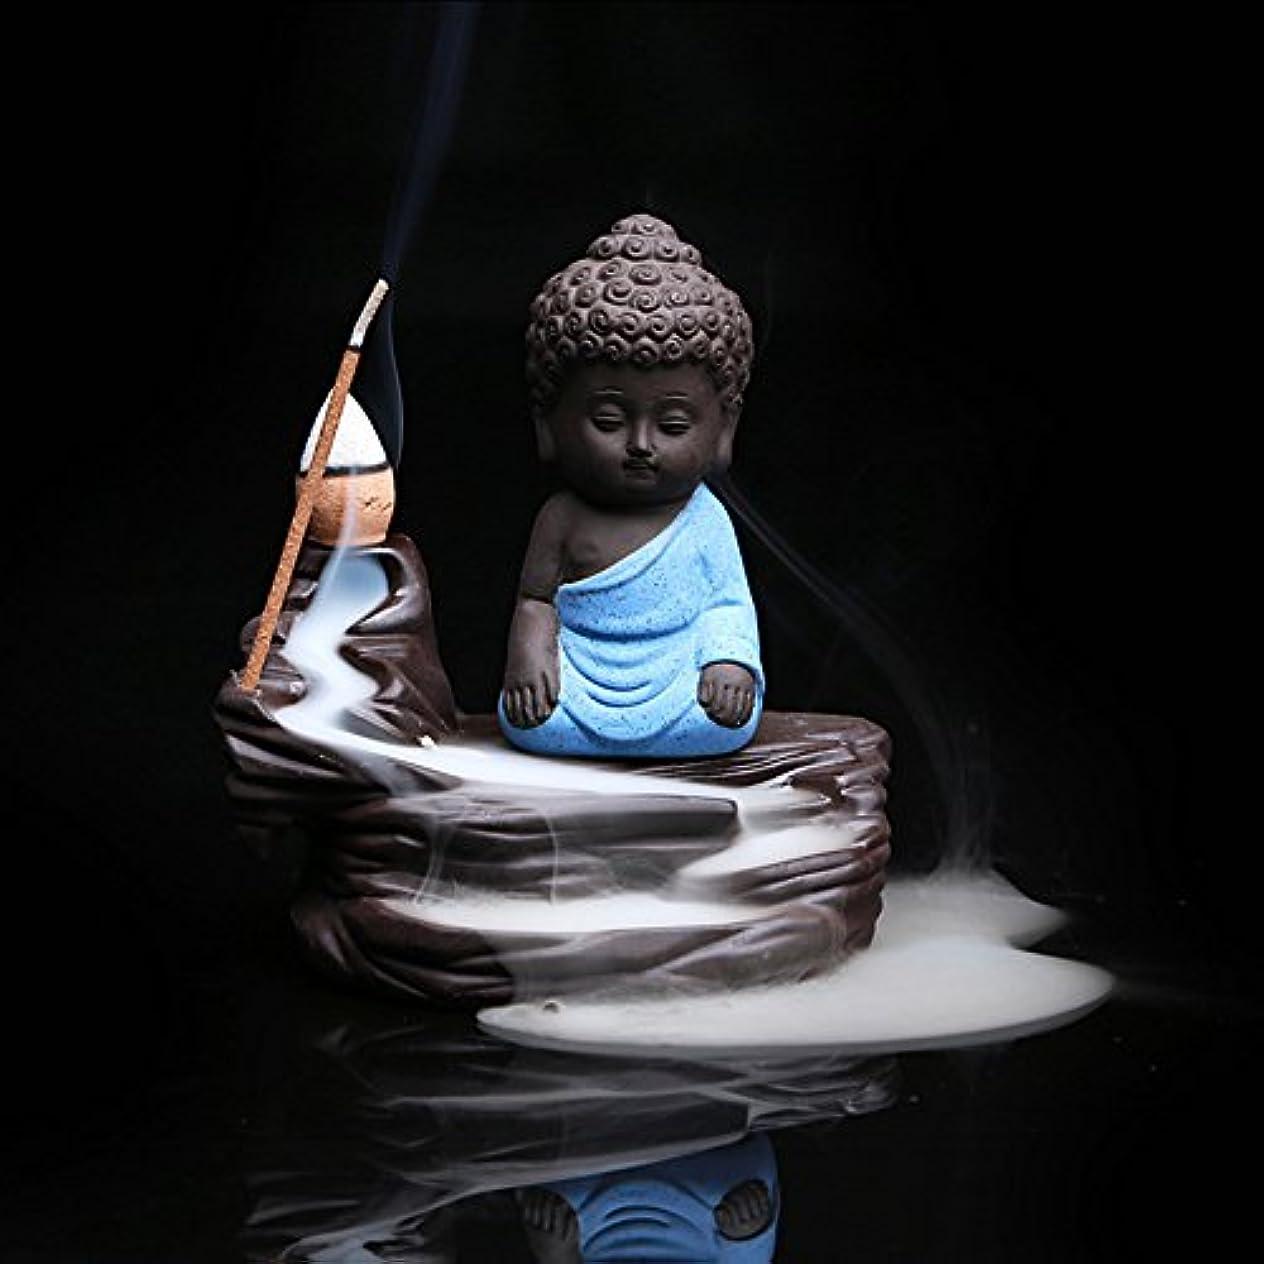 望む関税宇宙飛行士Zehuiホームデコレーションクリエイティブ逆流香炉コーンスティックホルダーSmall Buddhaセラミック香炉ホーム装飾 ブルー mhy-ZJ1204-jj125